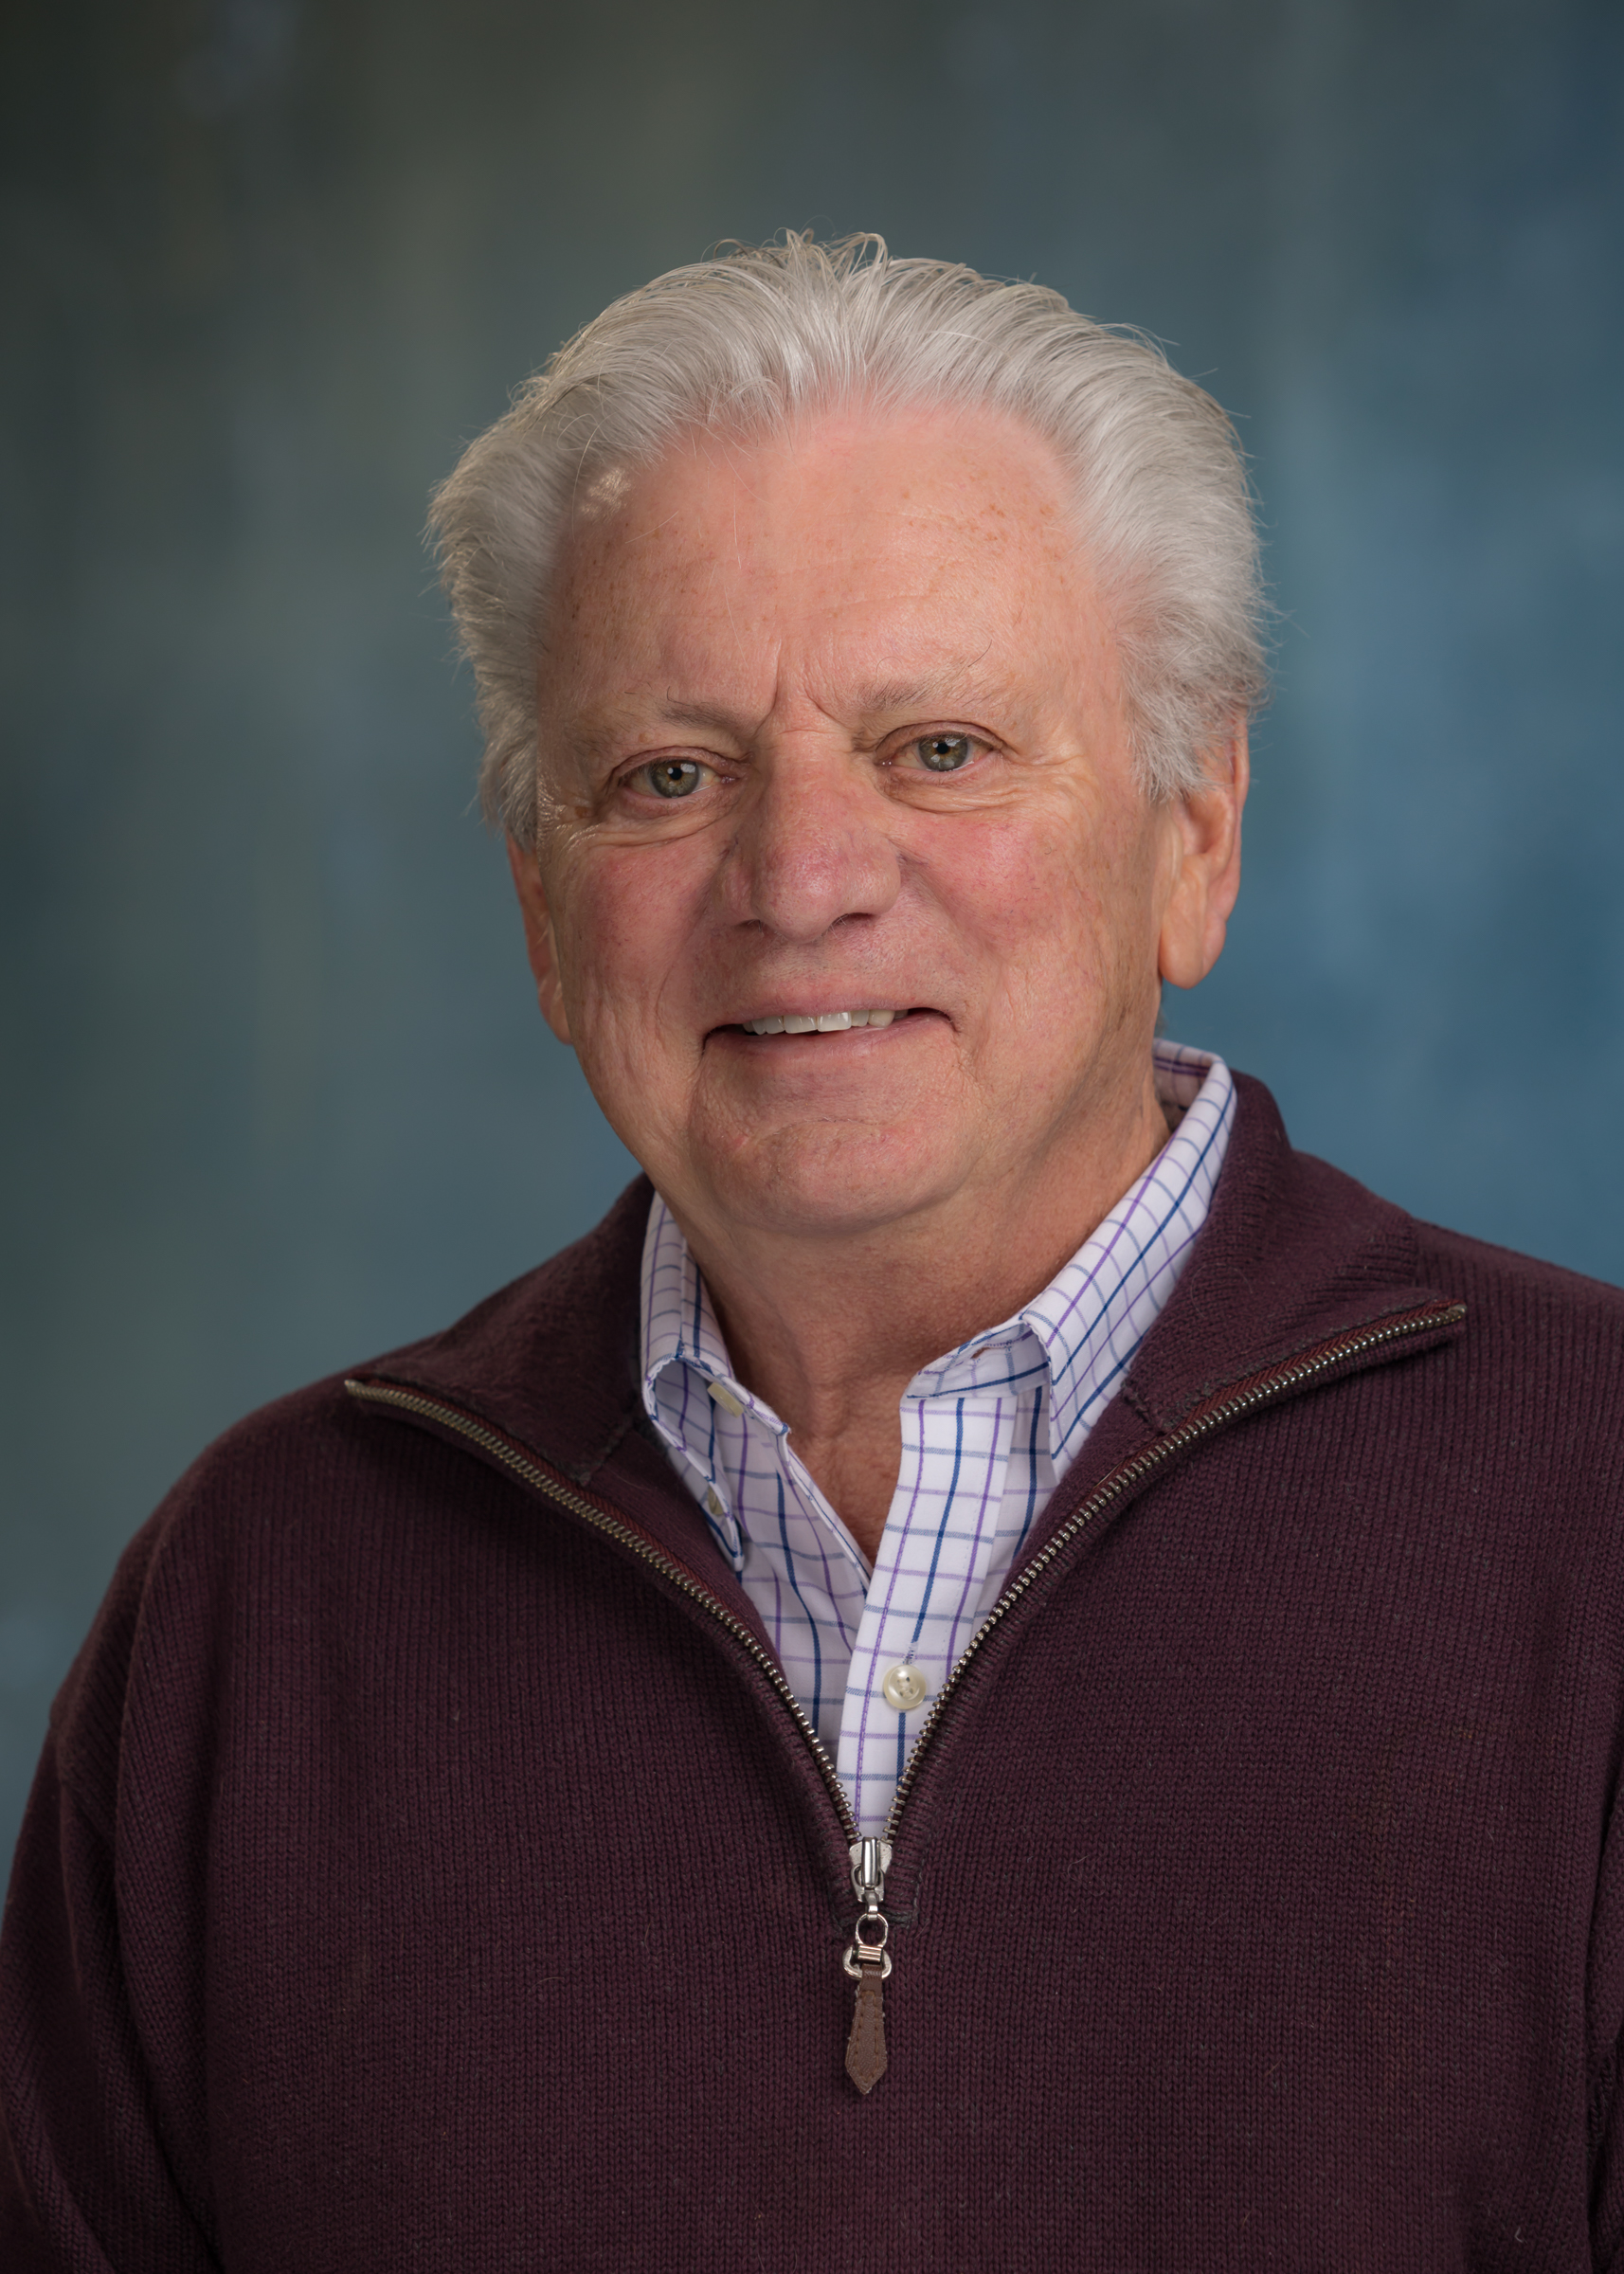 Ron Curran - Community Volunteer